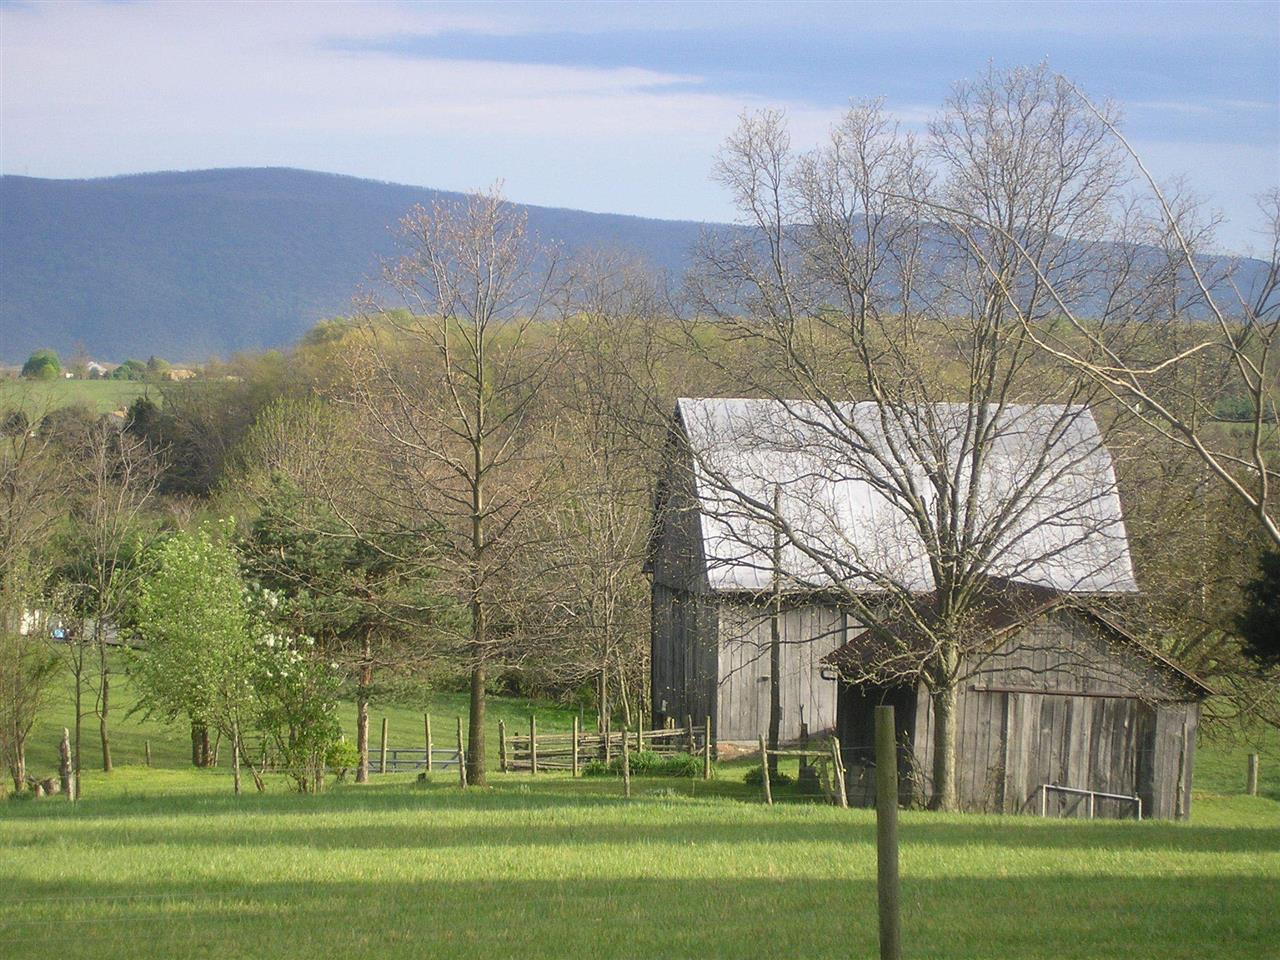 Oranda/Clary area of Shenandoah County - grandparents barn